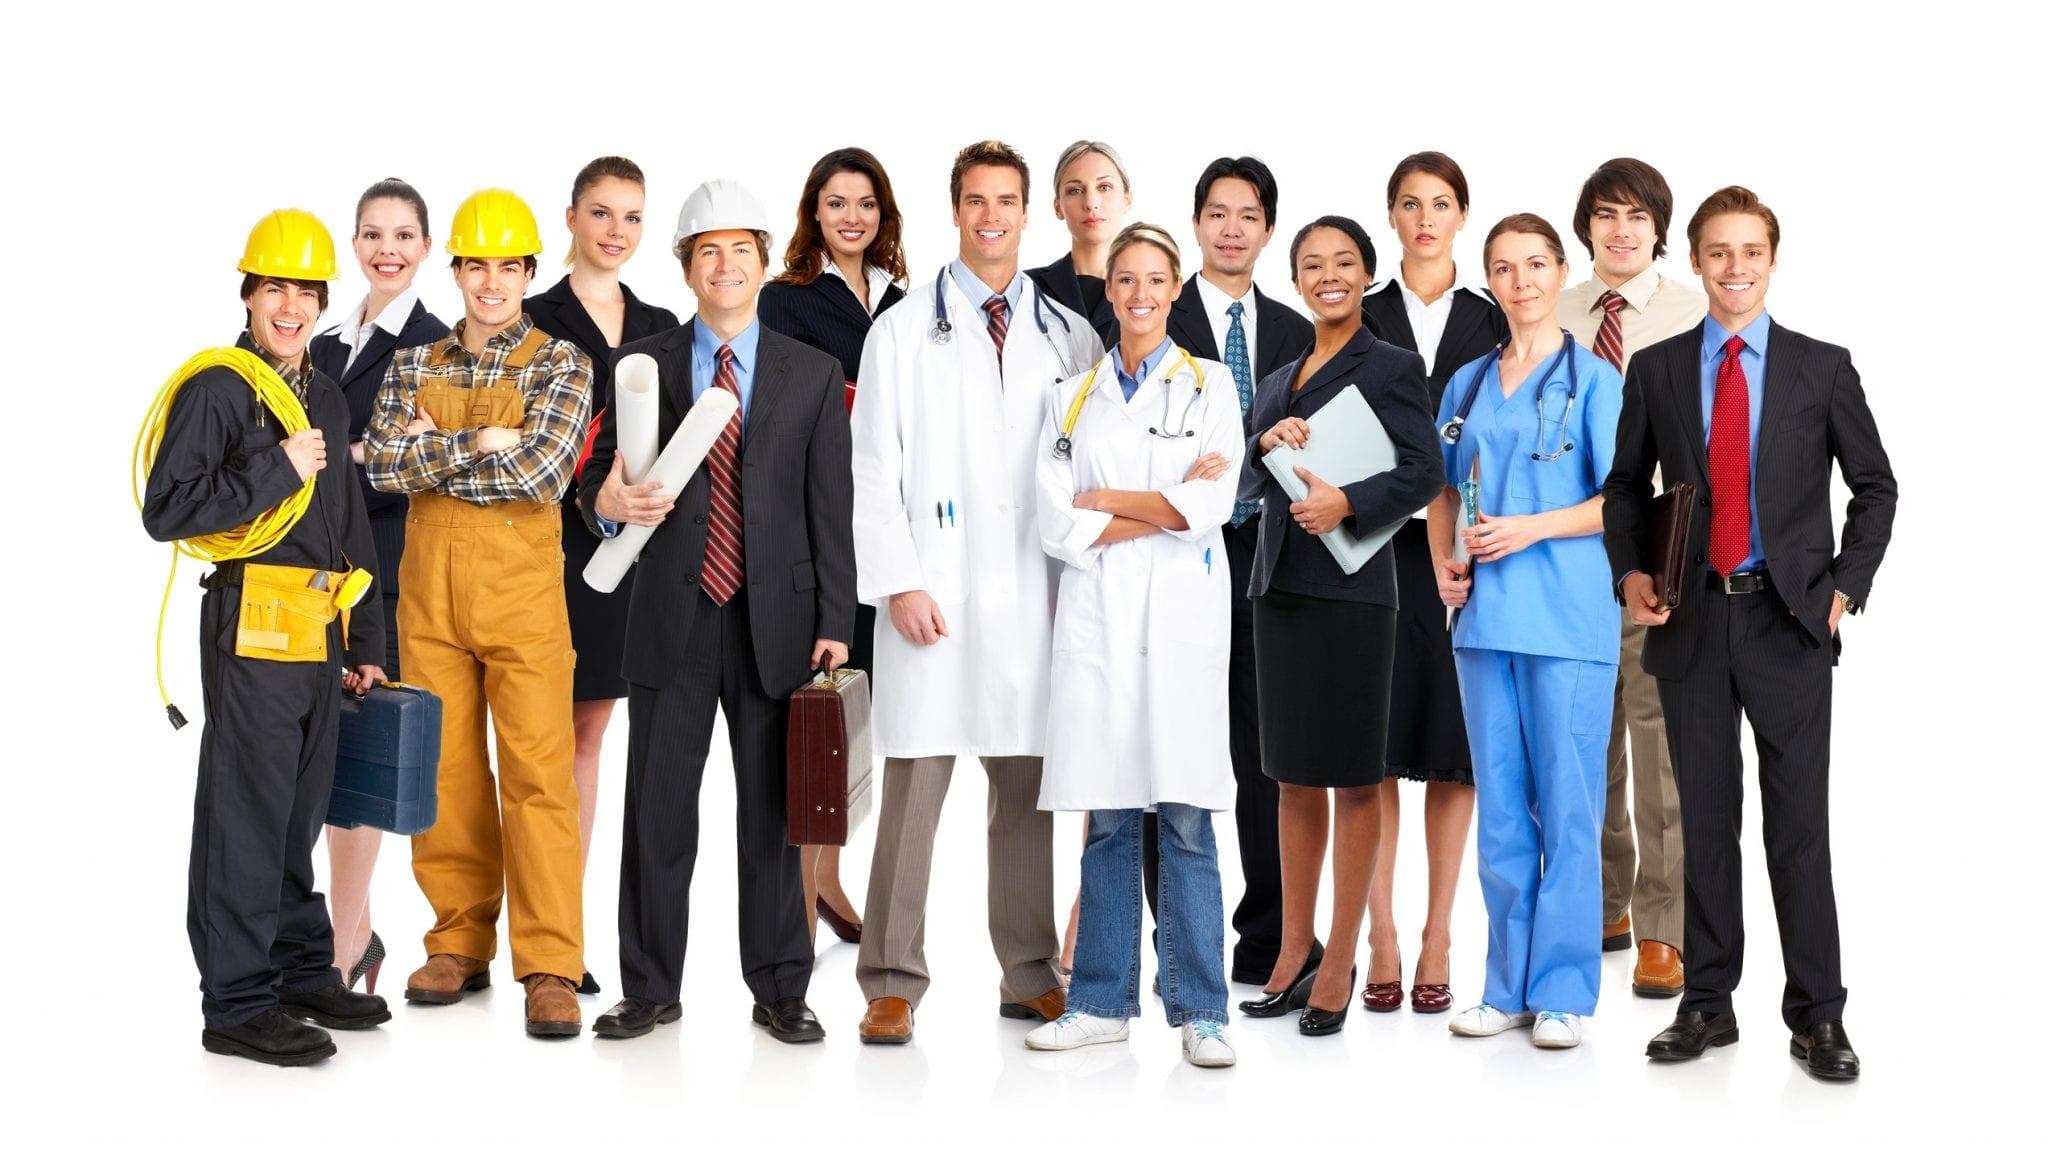 personas de diferentes profesiones en ingles